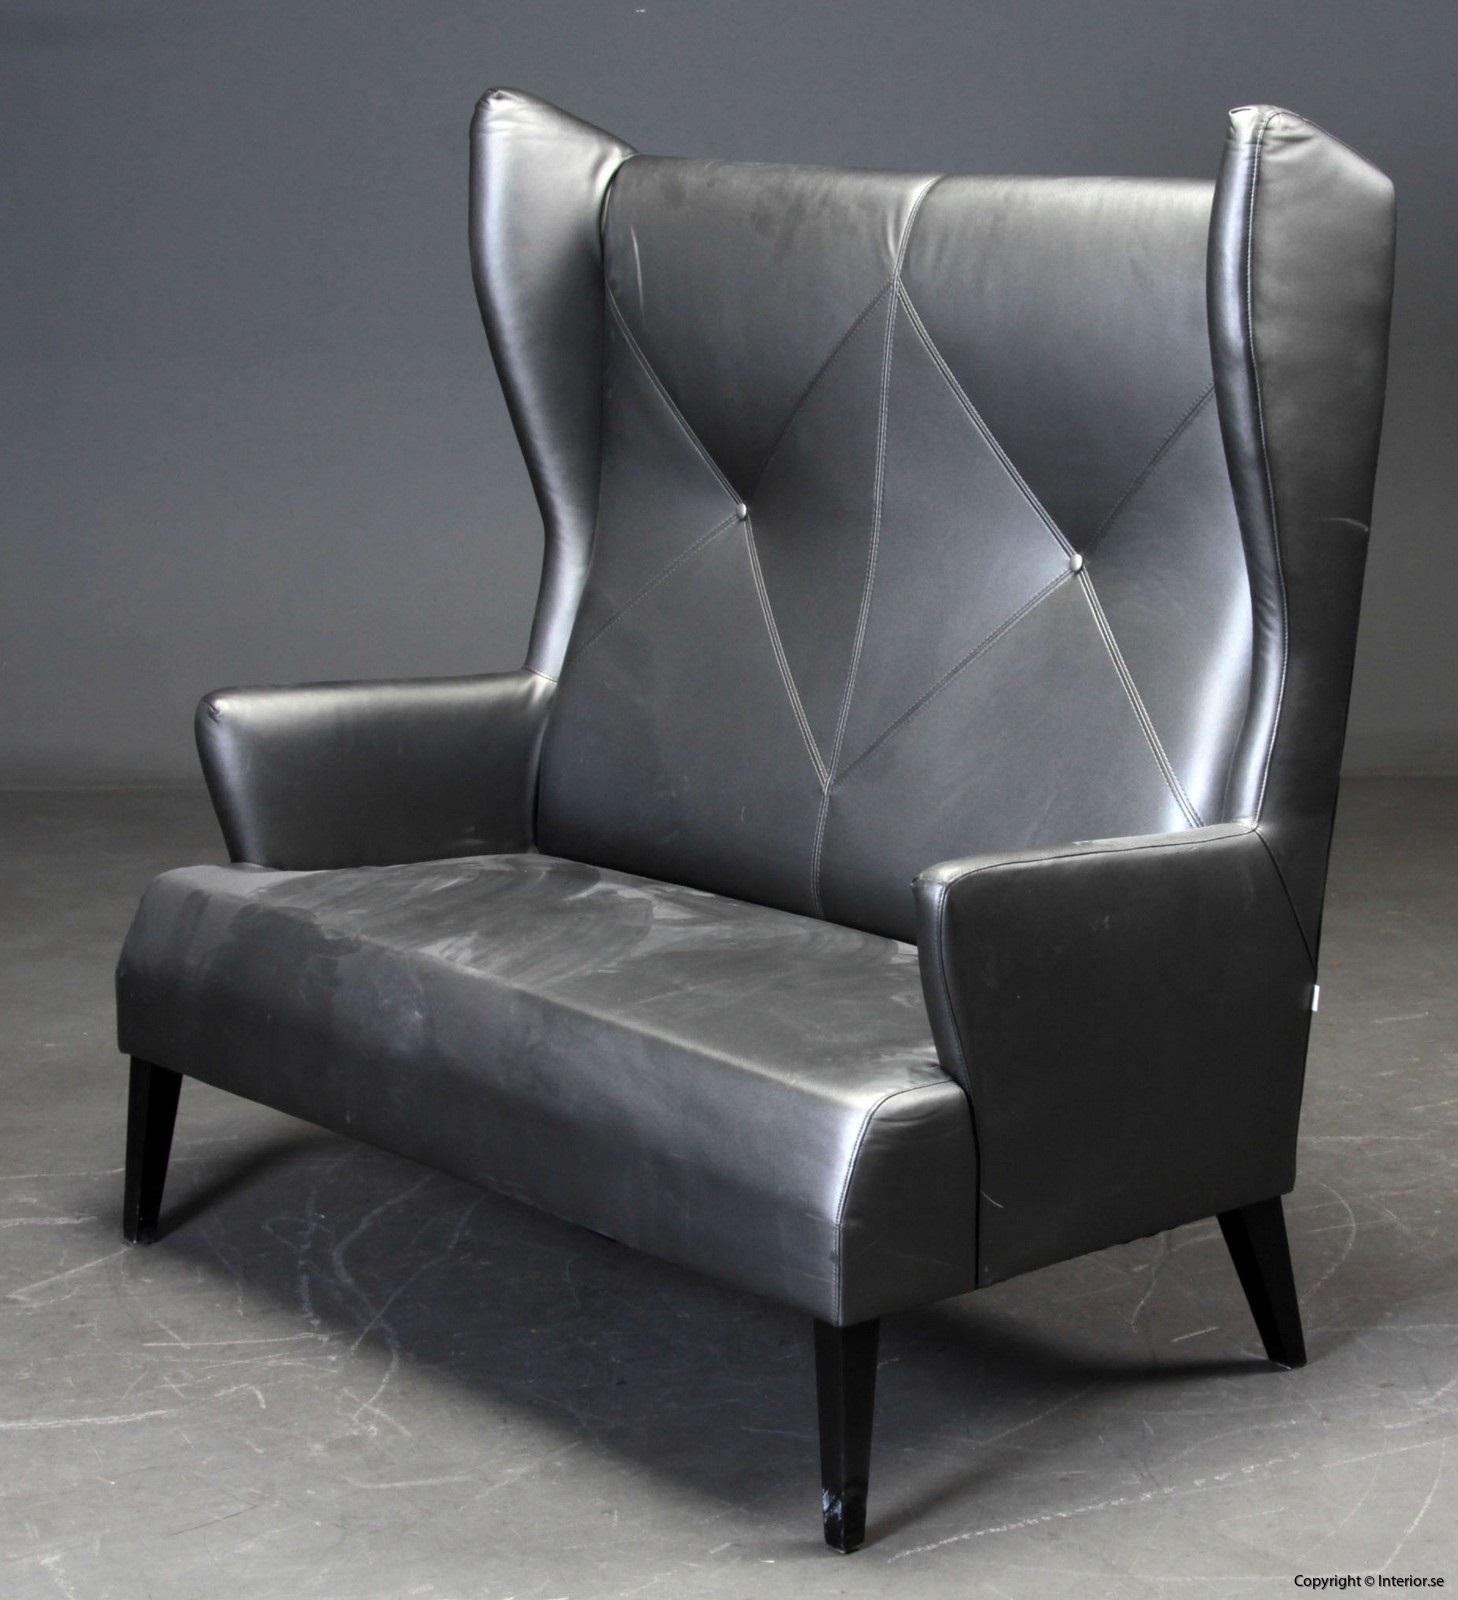 1 Soffa, Induflex - Hög rygg i konstläder 56